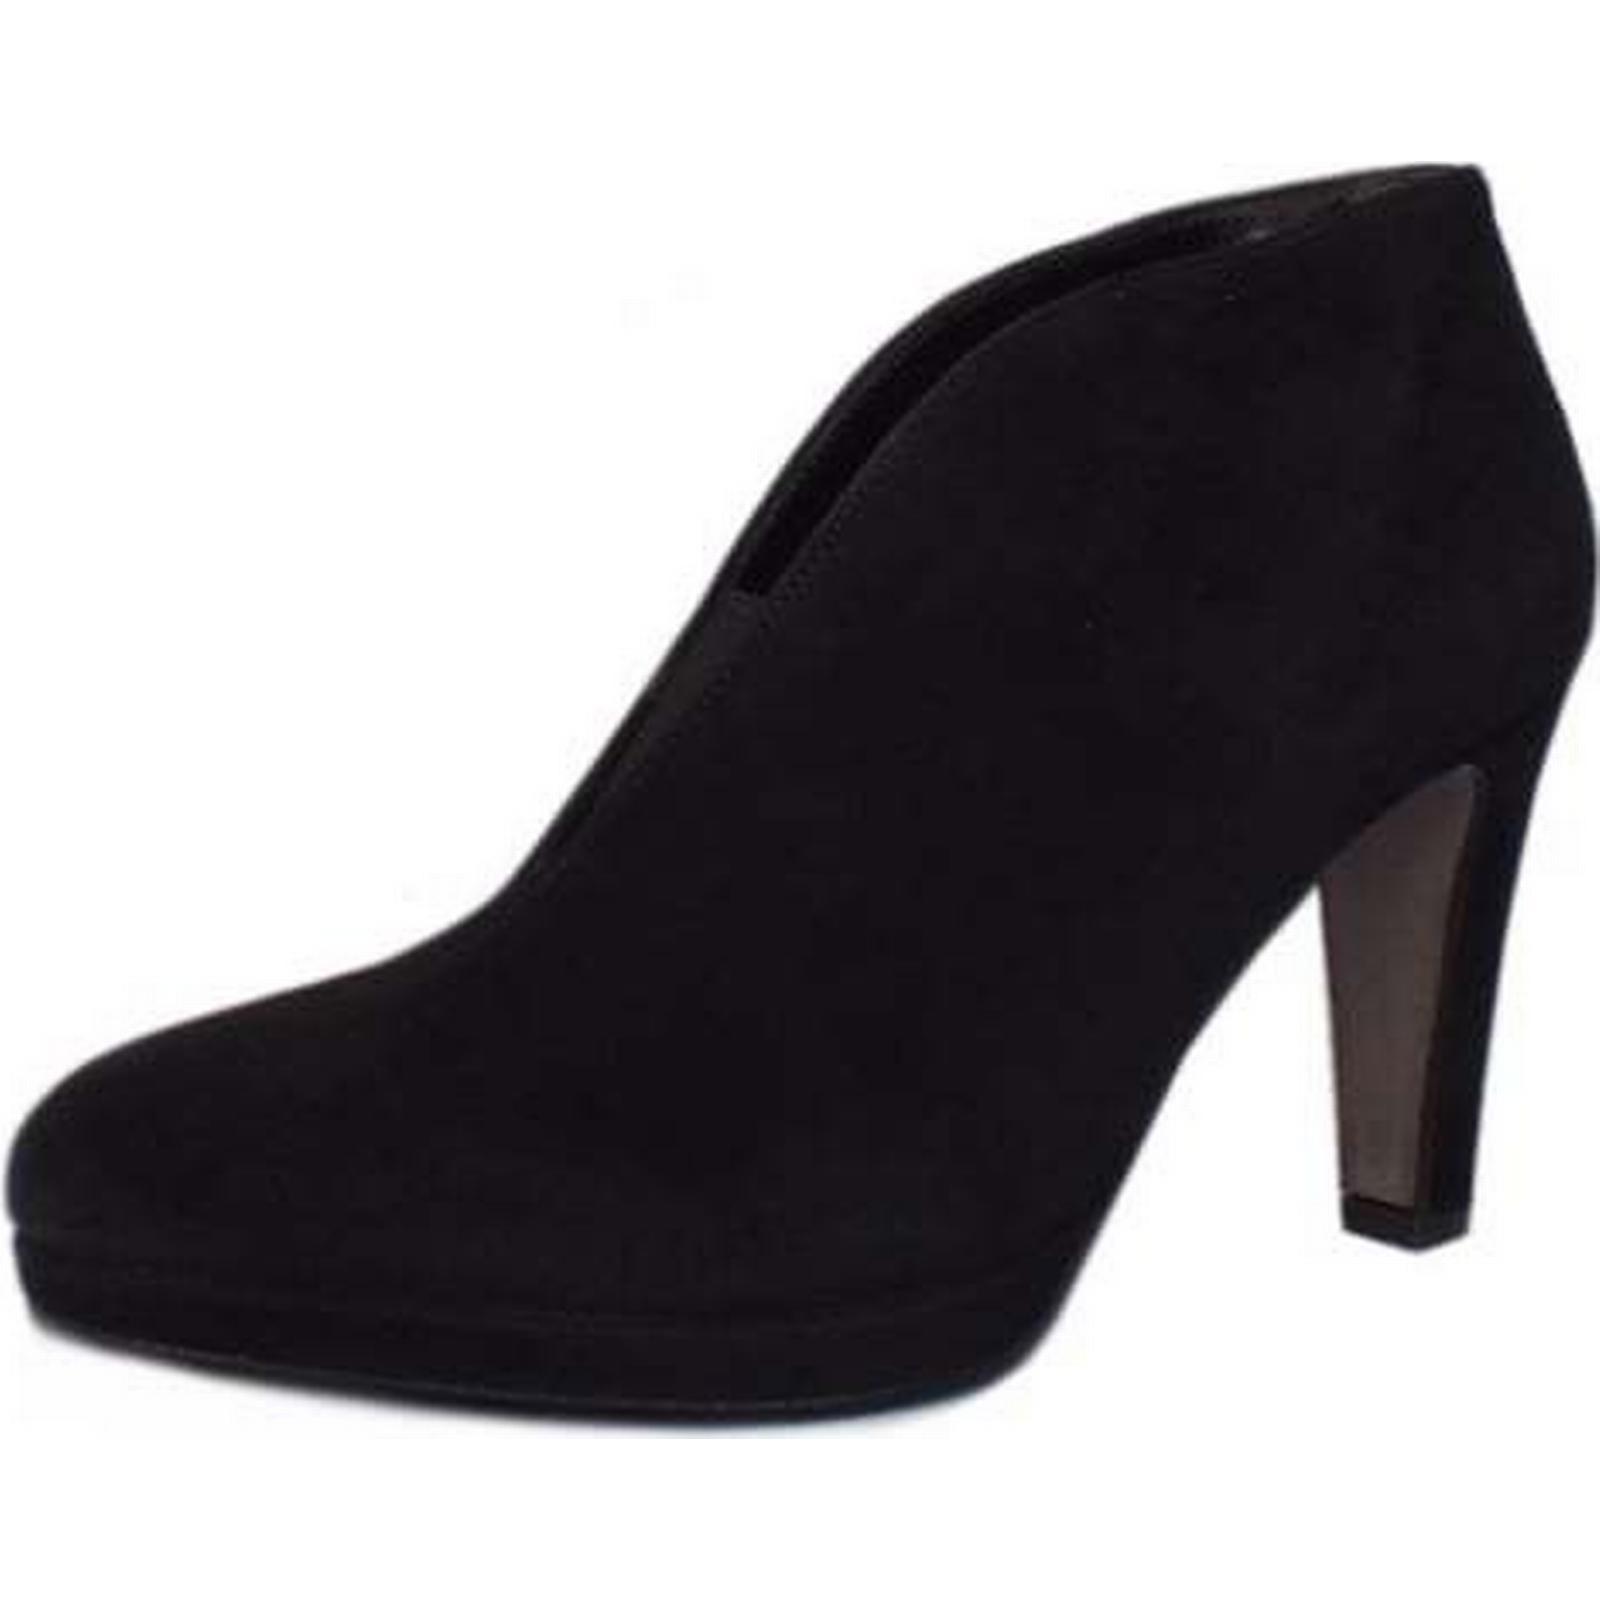 Gabor AMIEN GABOR GABOR AMIEN LADIES ANKLE BOOTS Size: 6, Colour: BLACK SUED 3e3024